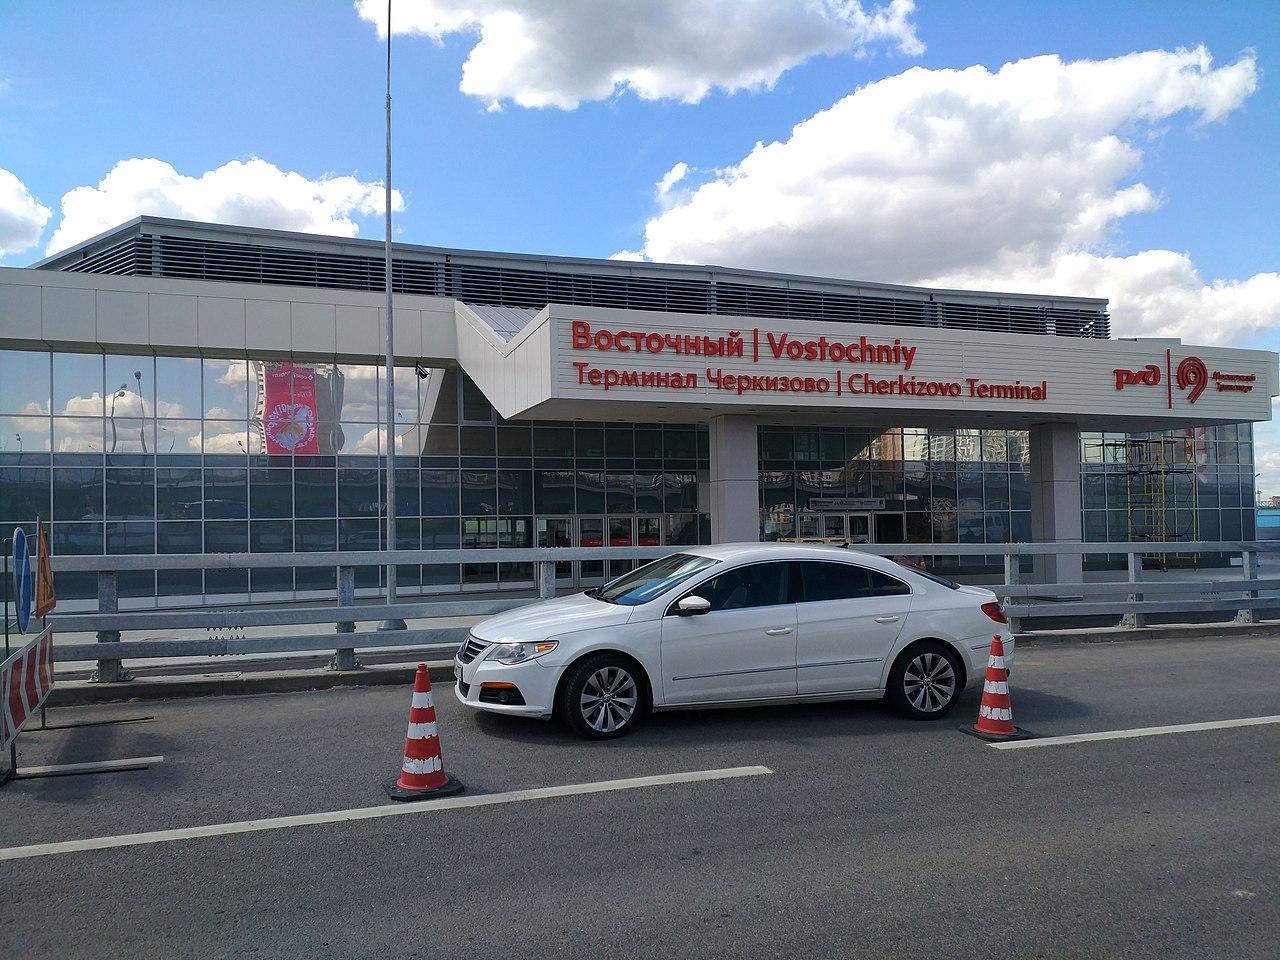 Новый железнодорожный вокзал «Восточный» в Москве